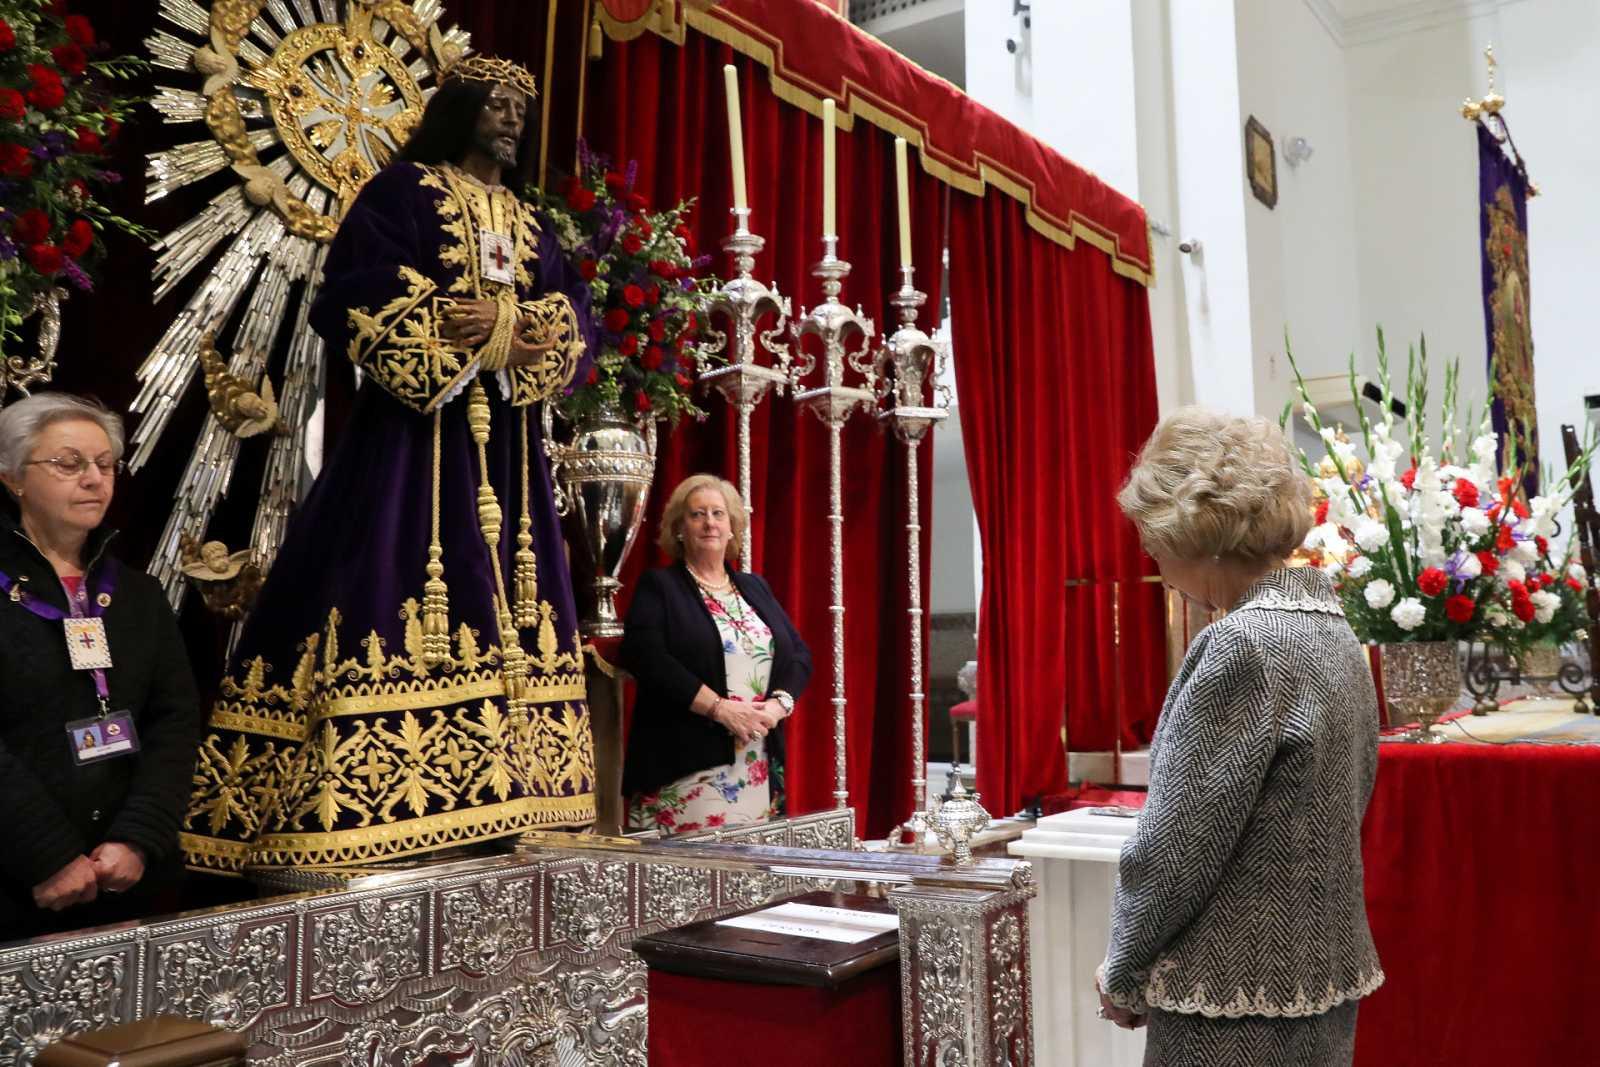 La Reina Sofía en el Cristo de Medinaceli de Madrid el año del coronavirus se queda sin besar la talla de madera